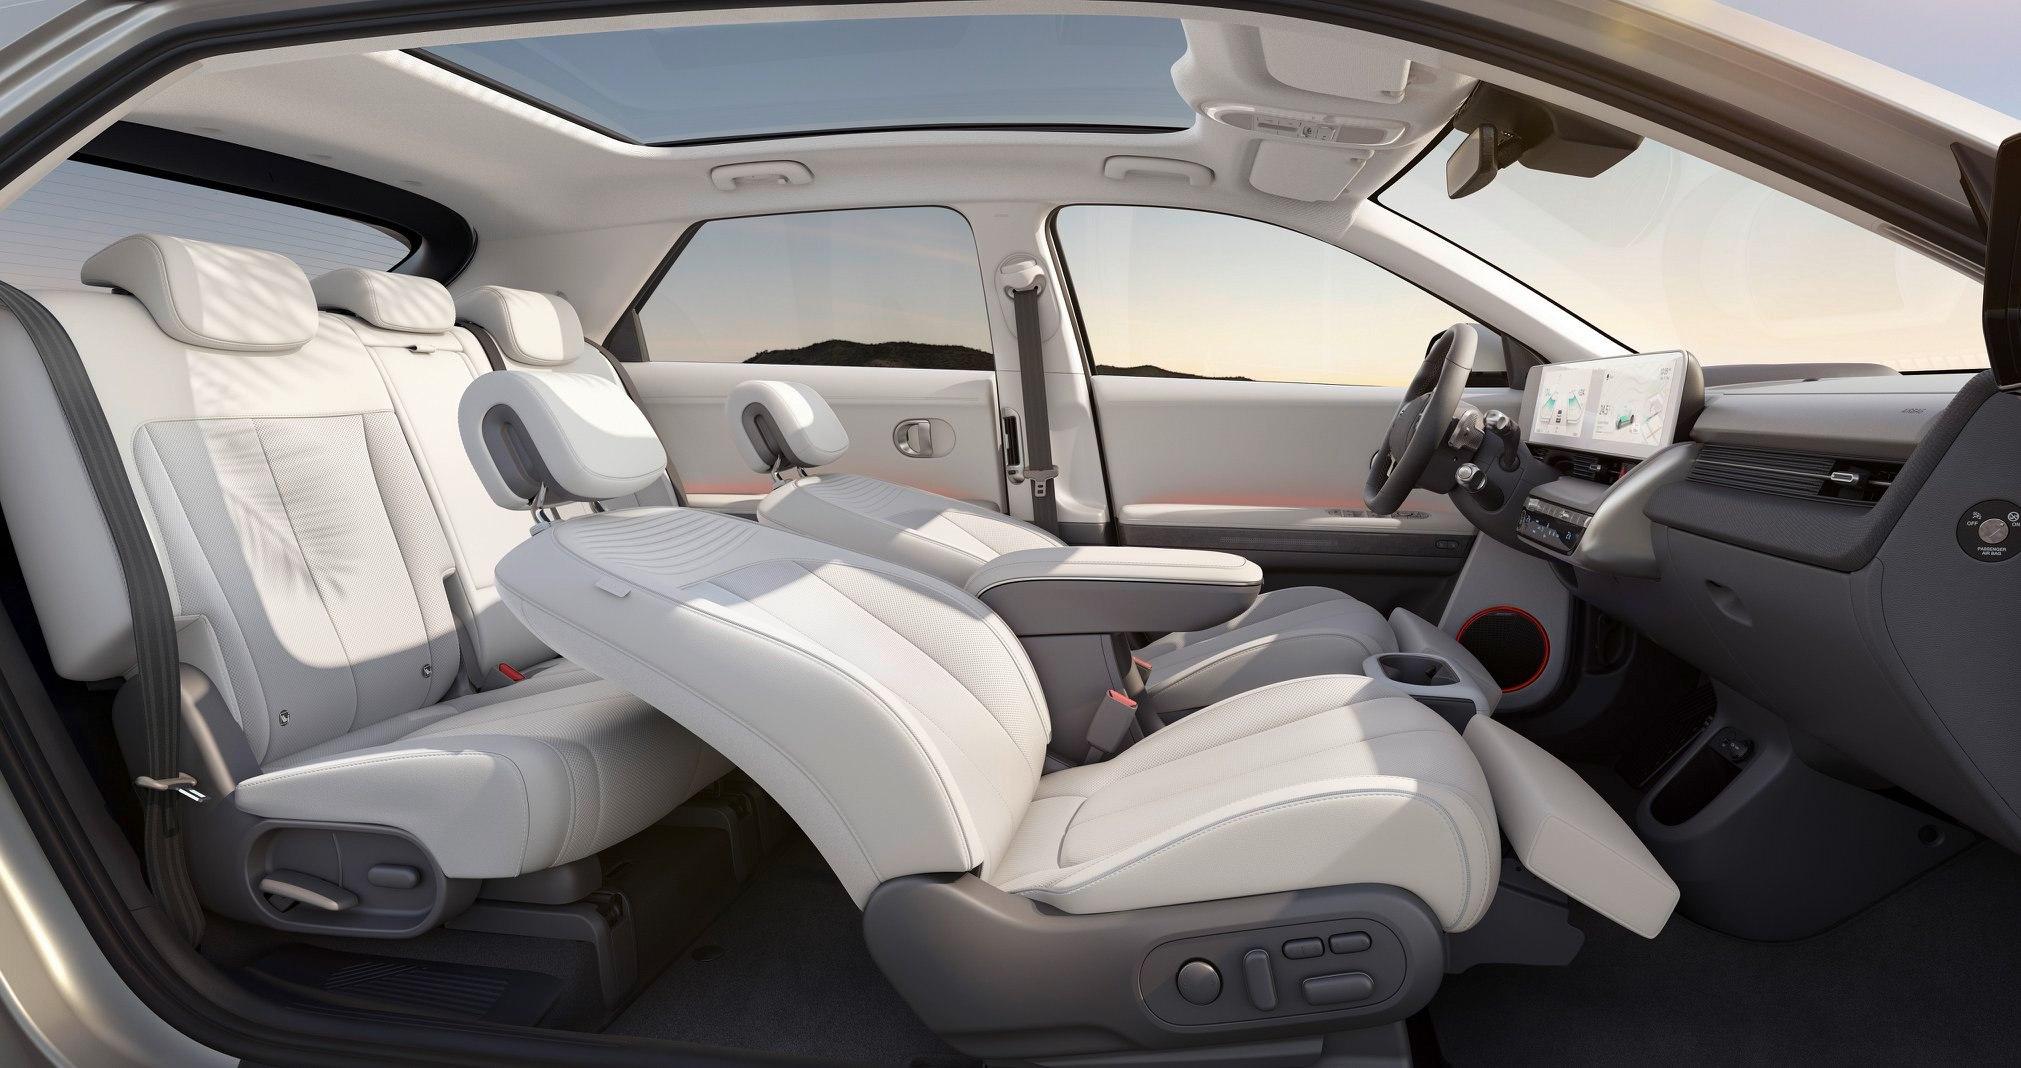 Không gian nội thất bên trong một mẫu xe điện. Ảnh: Hyundai